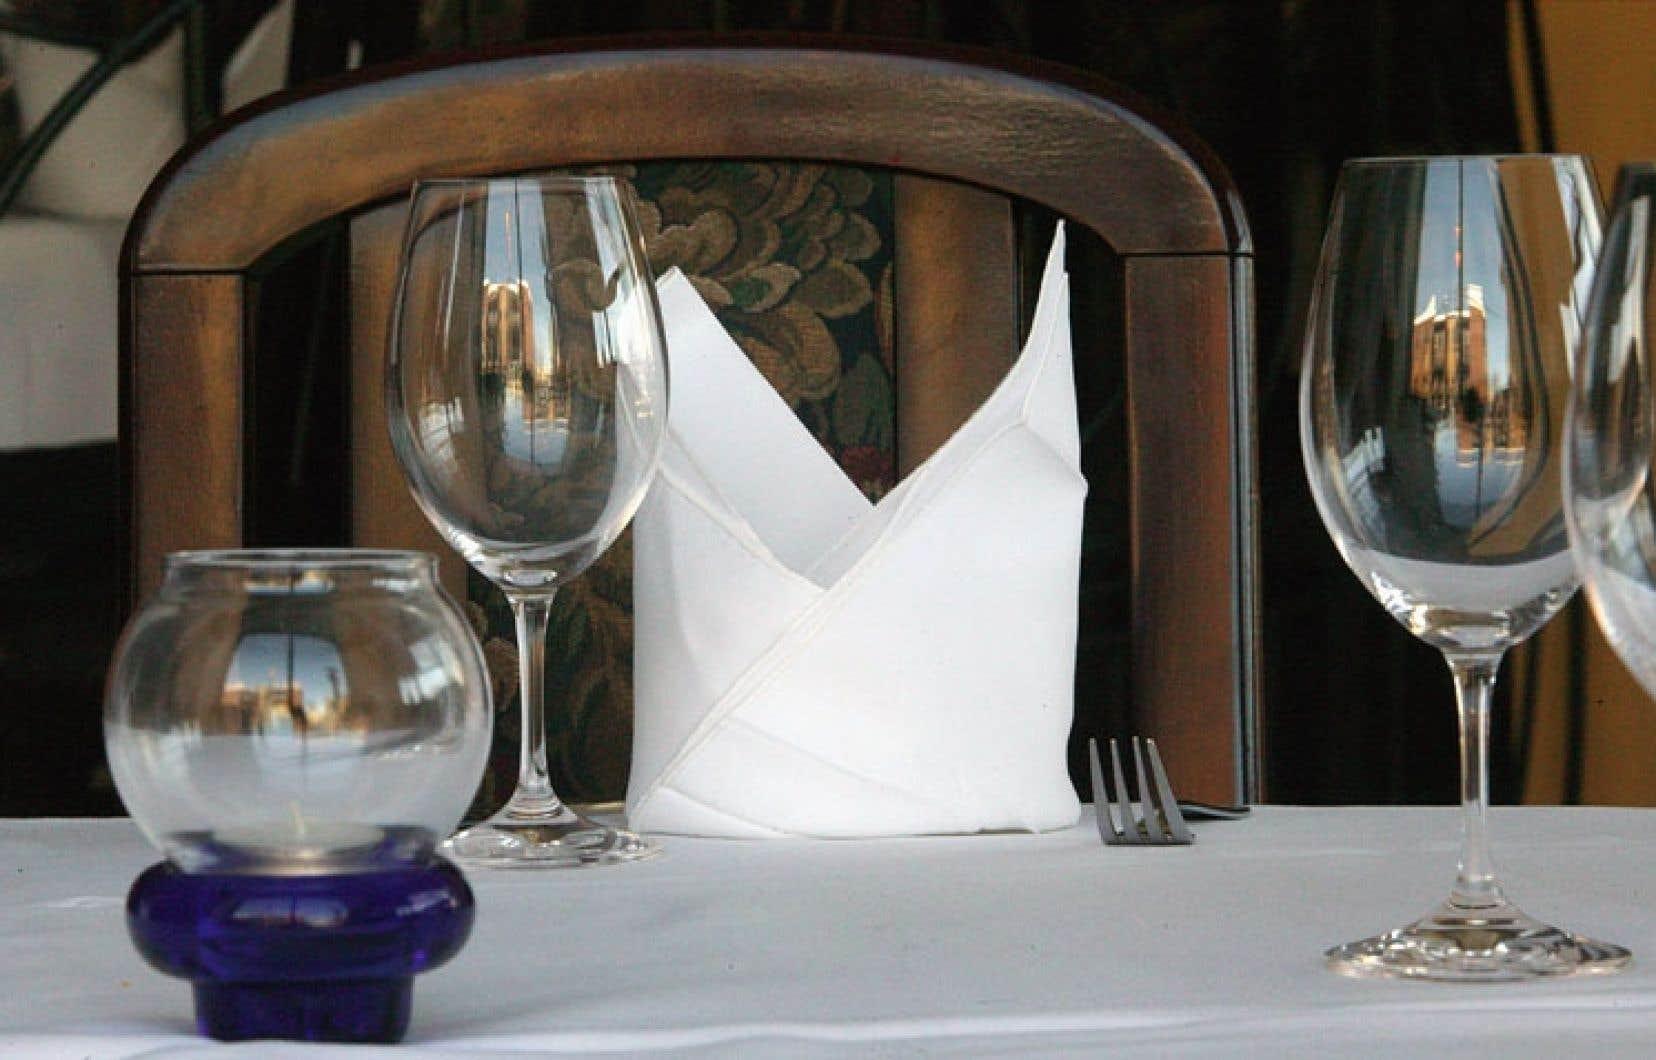 Plusieurs se prêtent au jeu de réserver une table dans trois ou quatre restaurants à la fois, se laissant la possibilité de choisir à la dernière minute sans même prendre le soin d'annuler les réservations dans les autres restaurants.